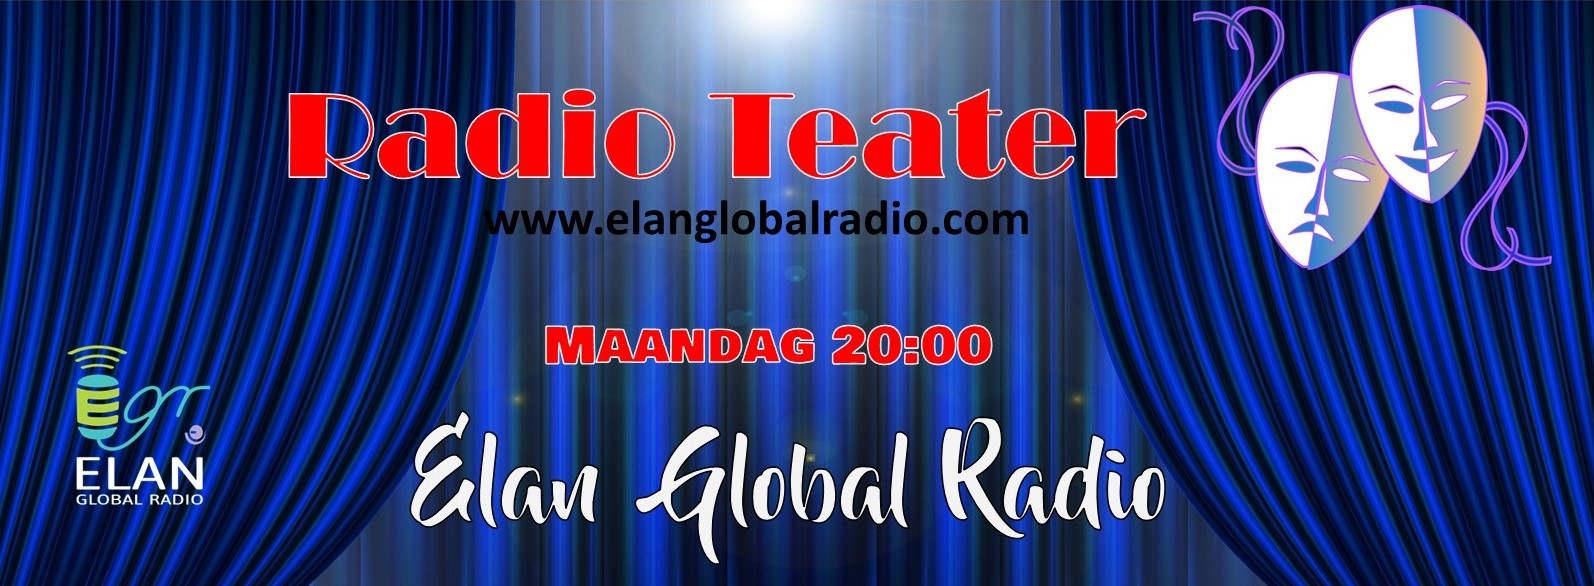 Radio Teater nuut.jpg